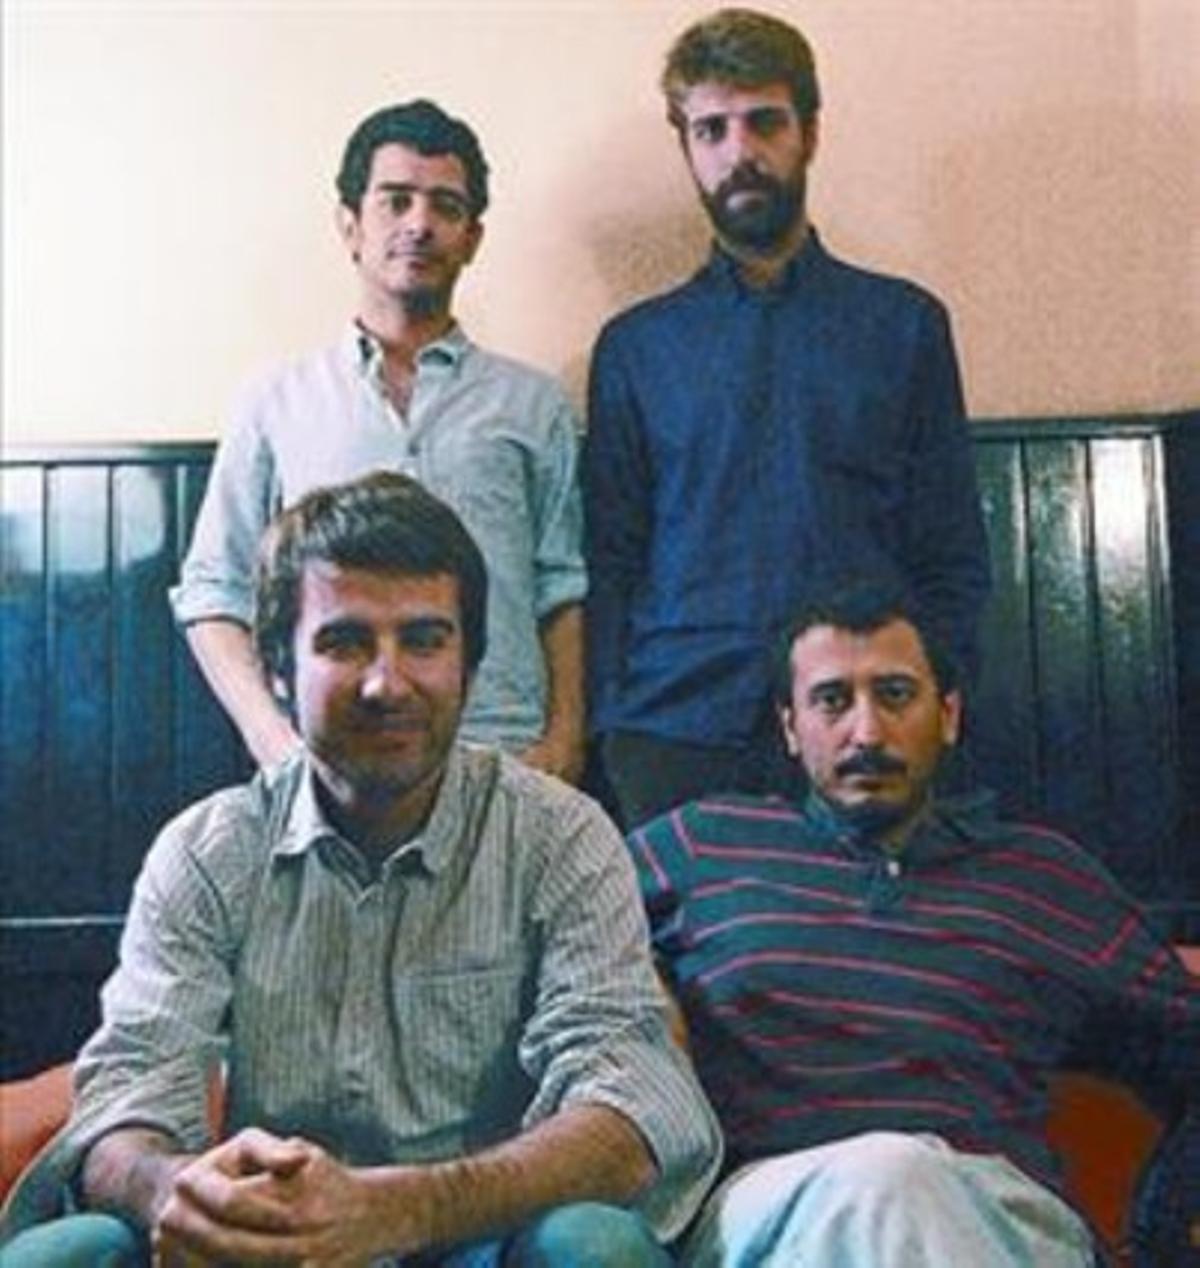 El grupo Manel, con Guillem Gisbert en la esquina superior derecha.